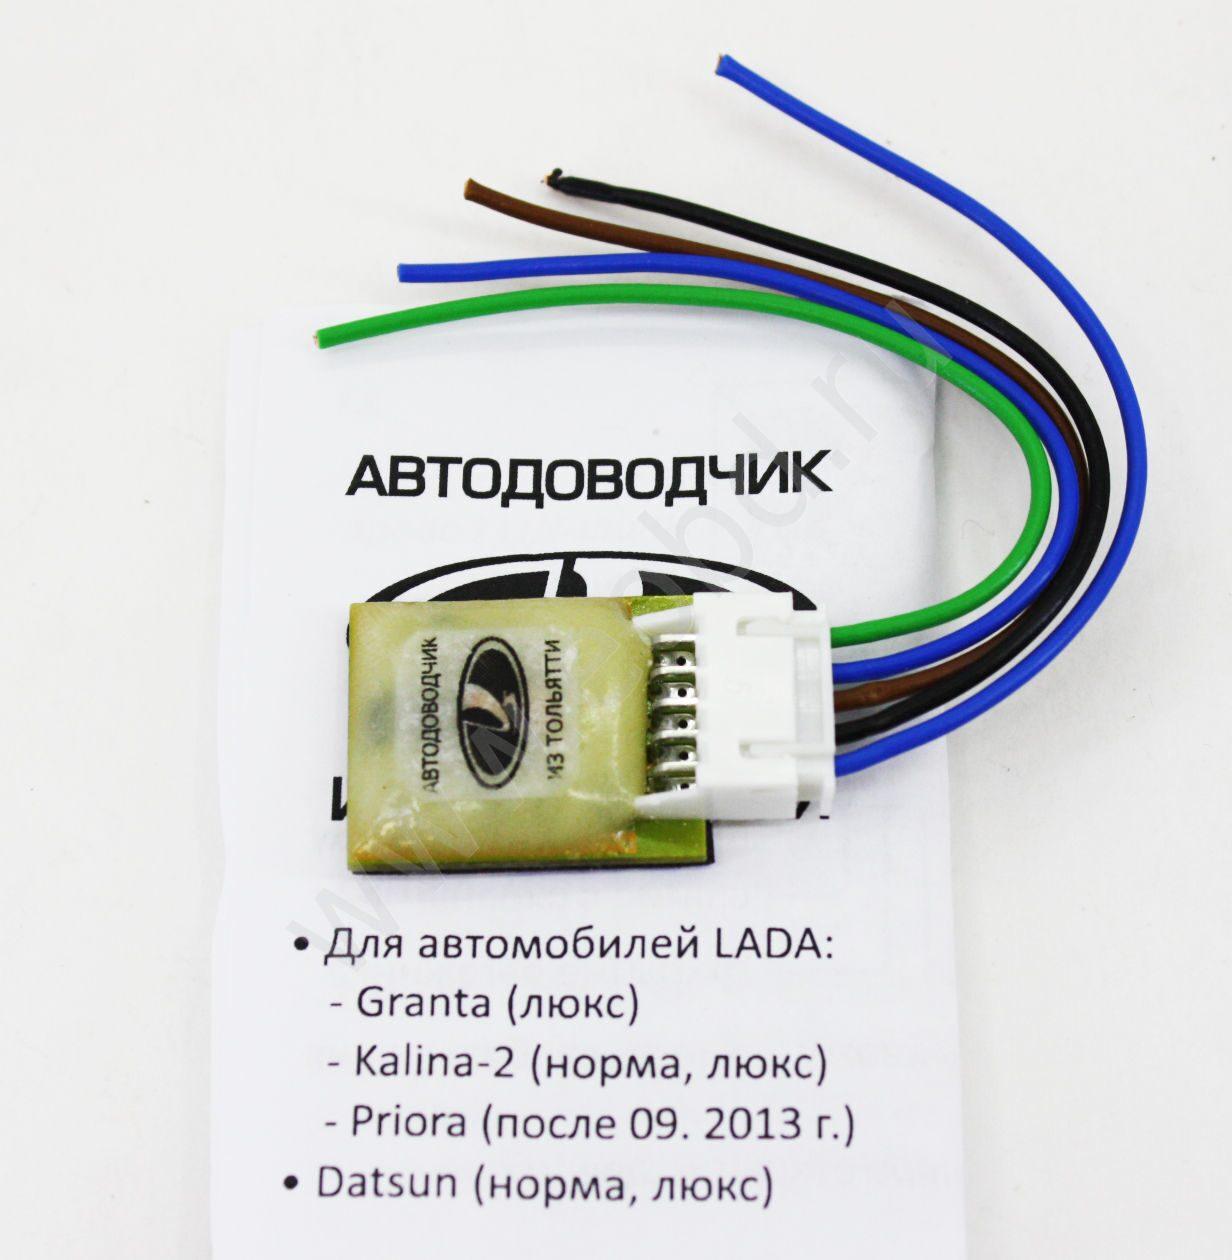 диагностический адаптер для приоры usb схема